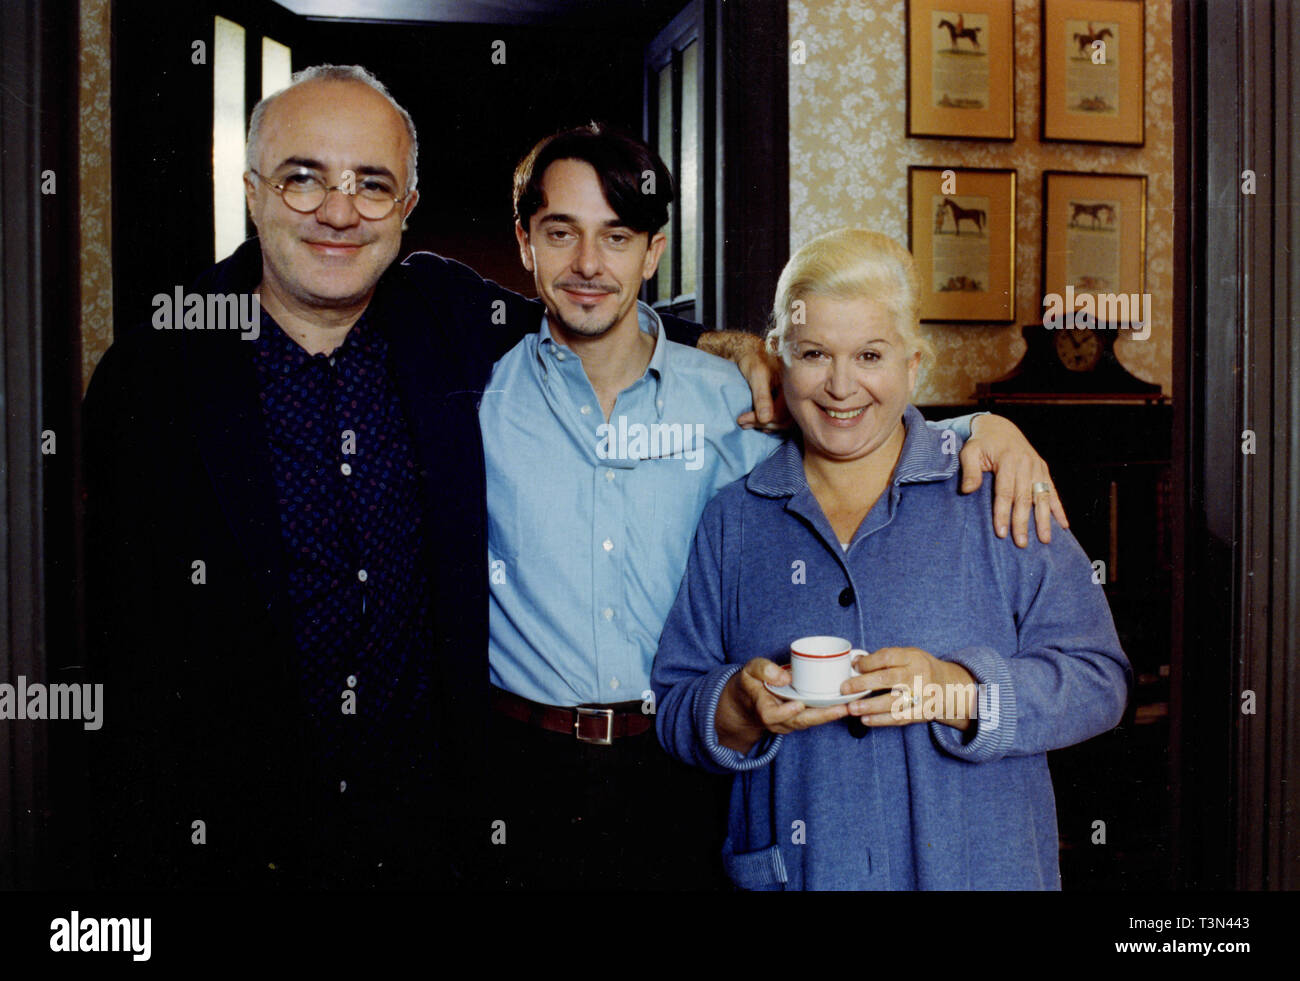 Actors Pere Ponce, Silvana De Santis and Luigi Petrucci in the movie La Vespa e la Regina, Italy 1990s - Stock Image